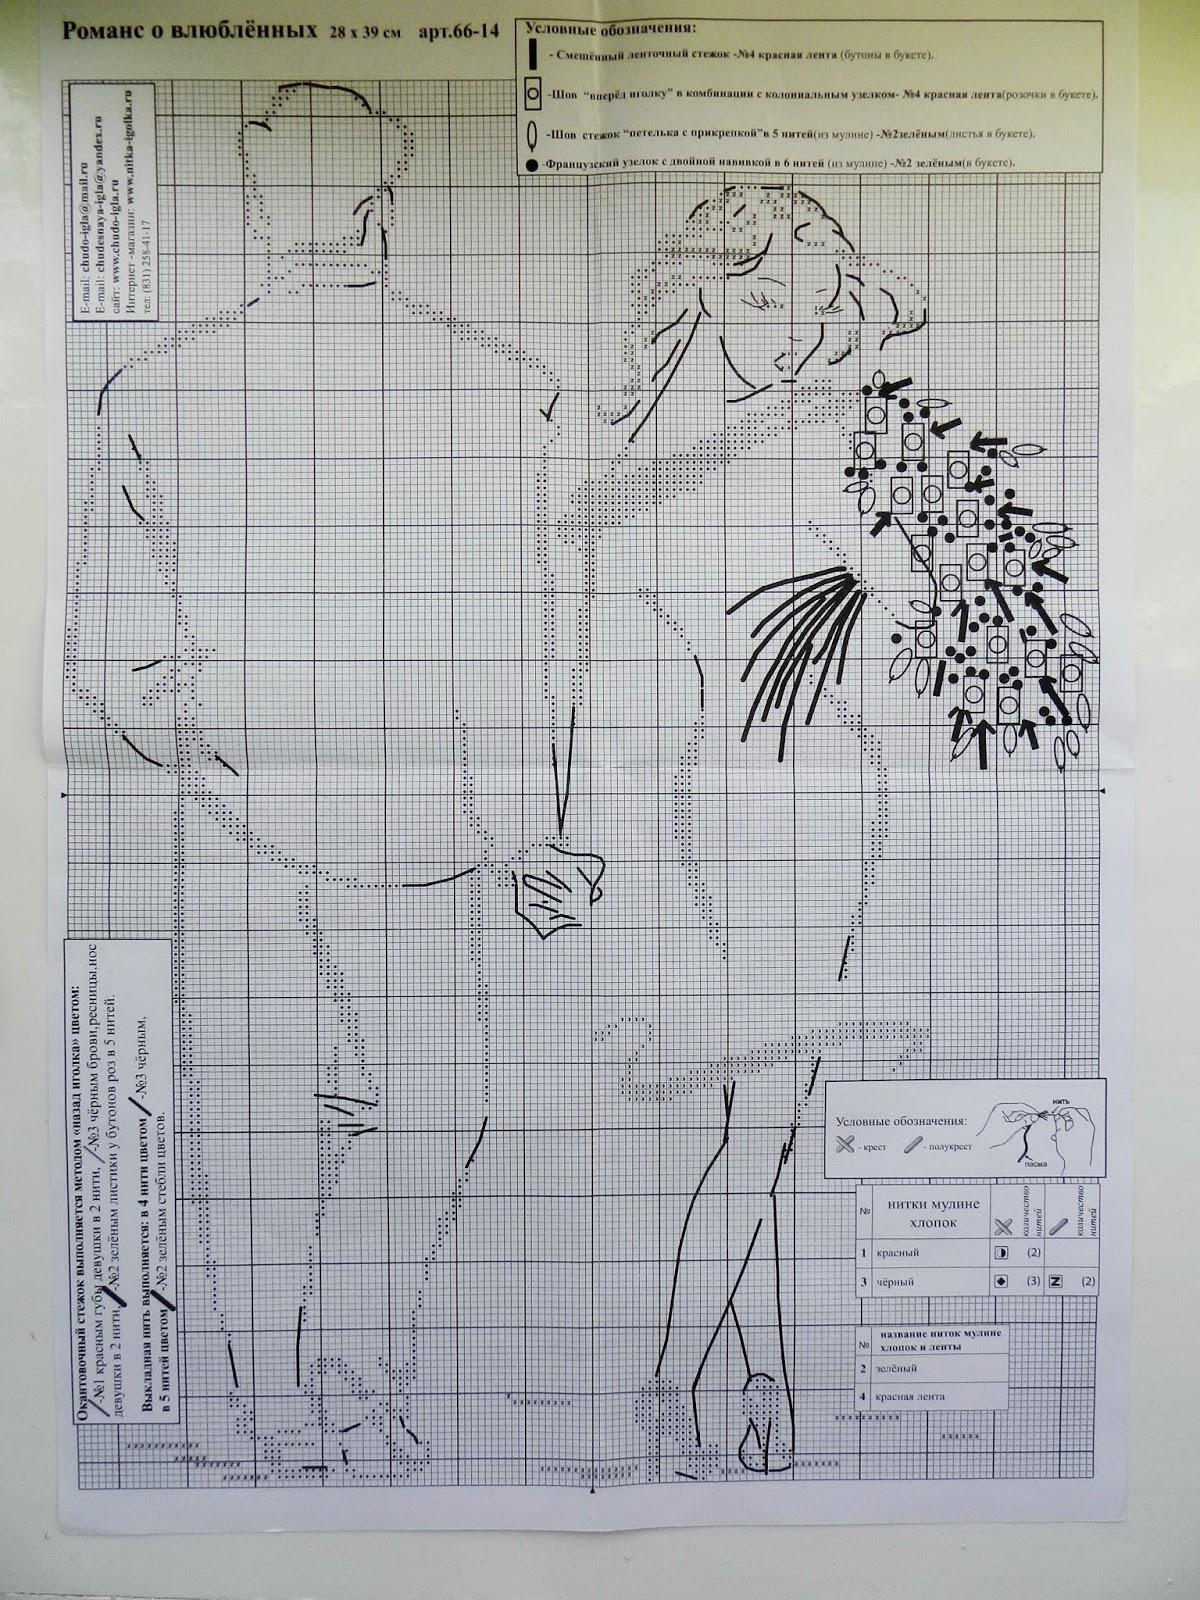 Романс о влюбленных вышивка готовая работа - Венок изобилия 76